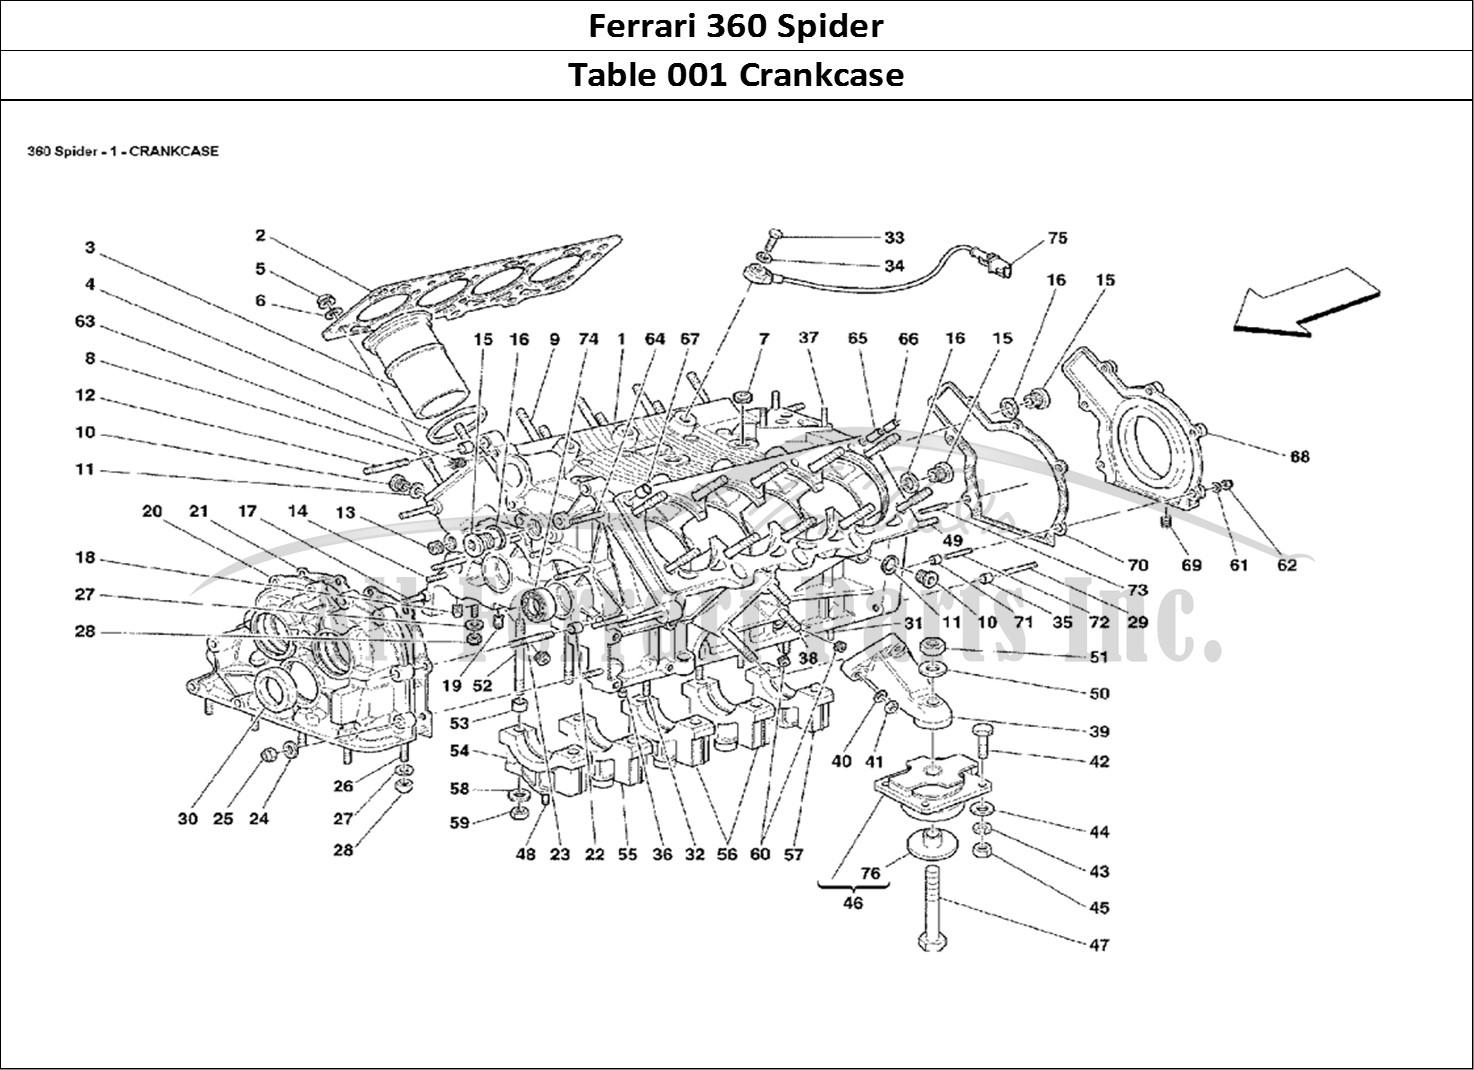 Buy Original Ferrari 360 Spider 001 Crankcase Ferrari Parts Spares Accessories Online